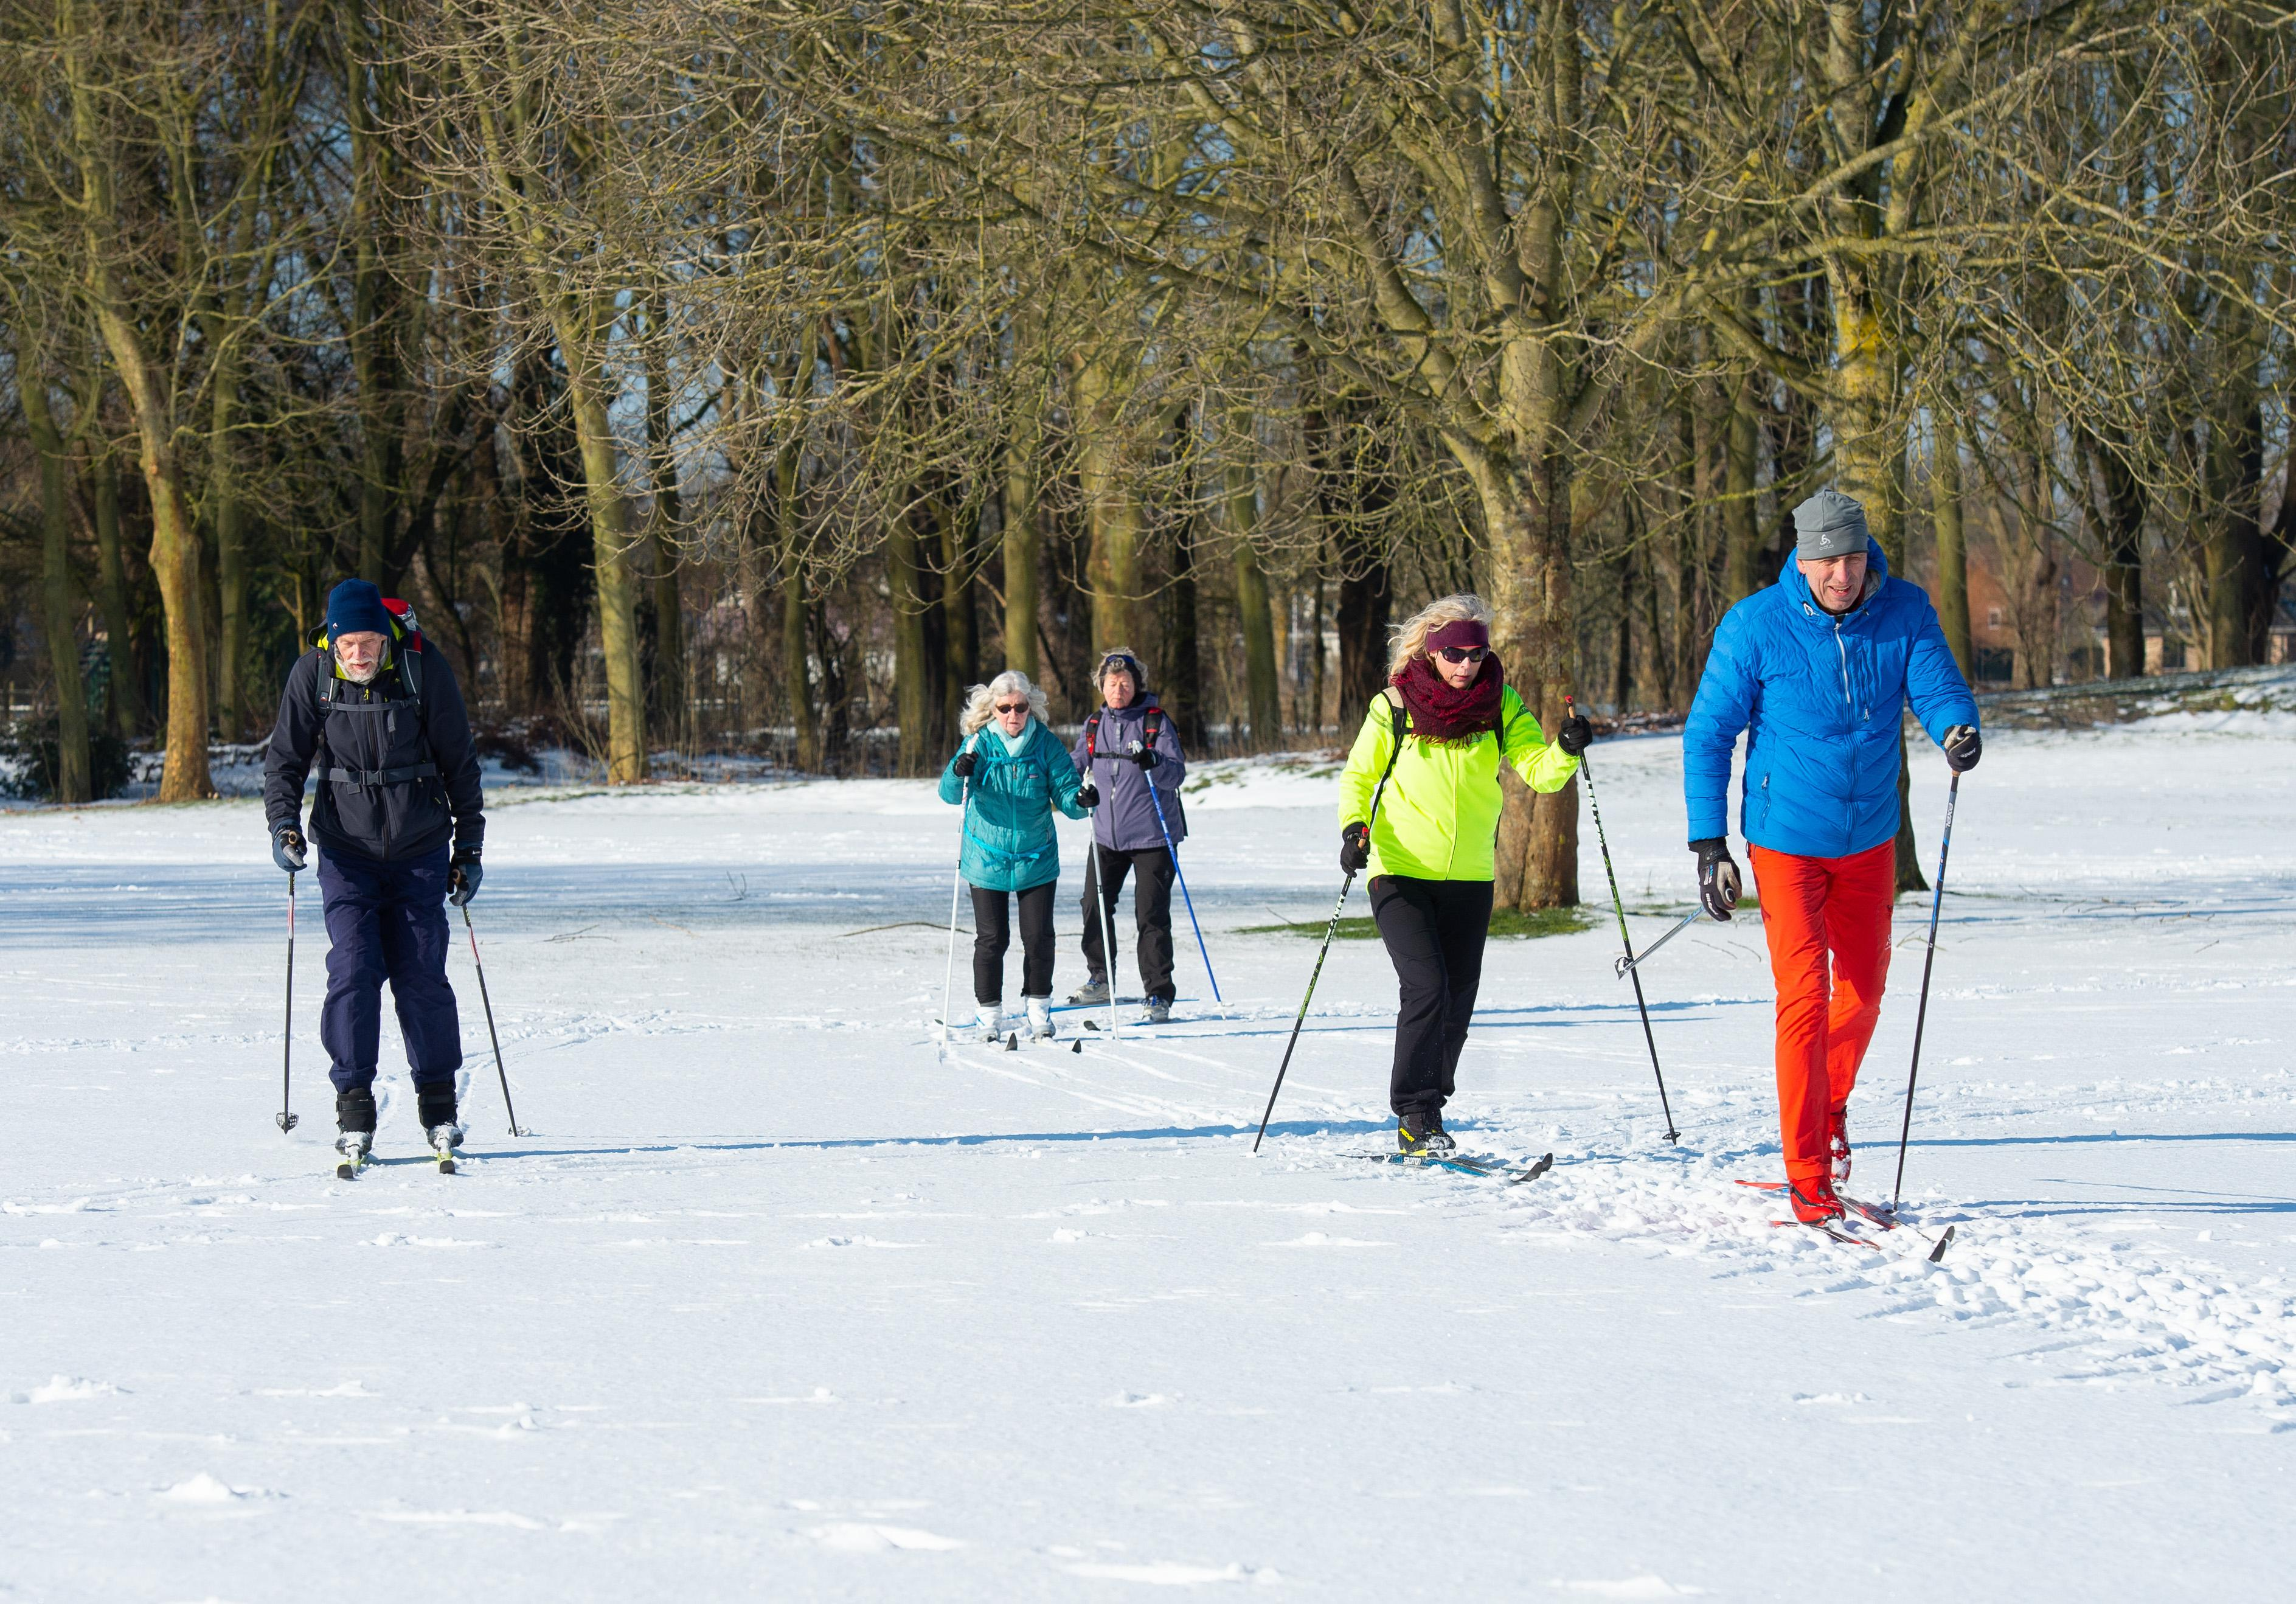 Langlaufers genieten op de golfbaan in Purmerend. Joke (74) en Corina (69) zijn enthousiast: 'Lekker buiten, lekker glijden'